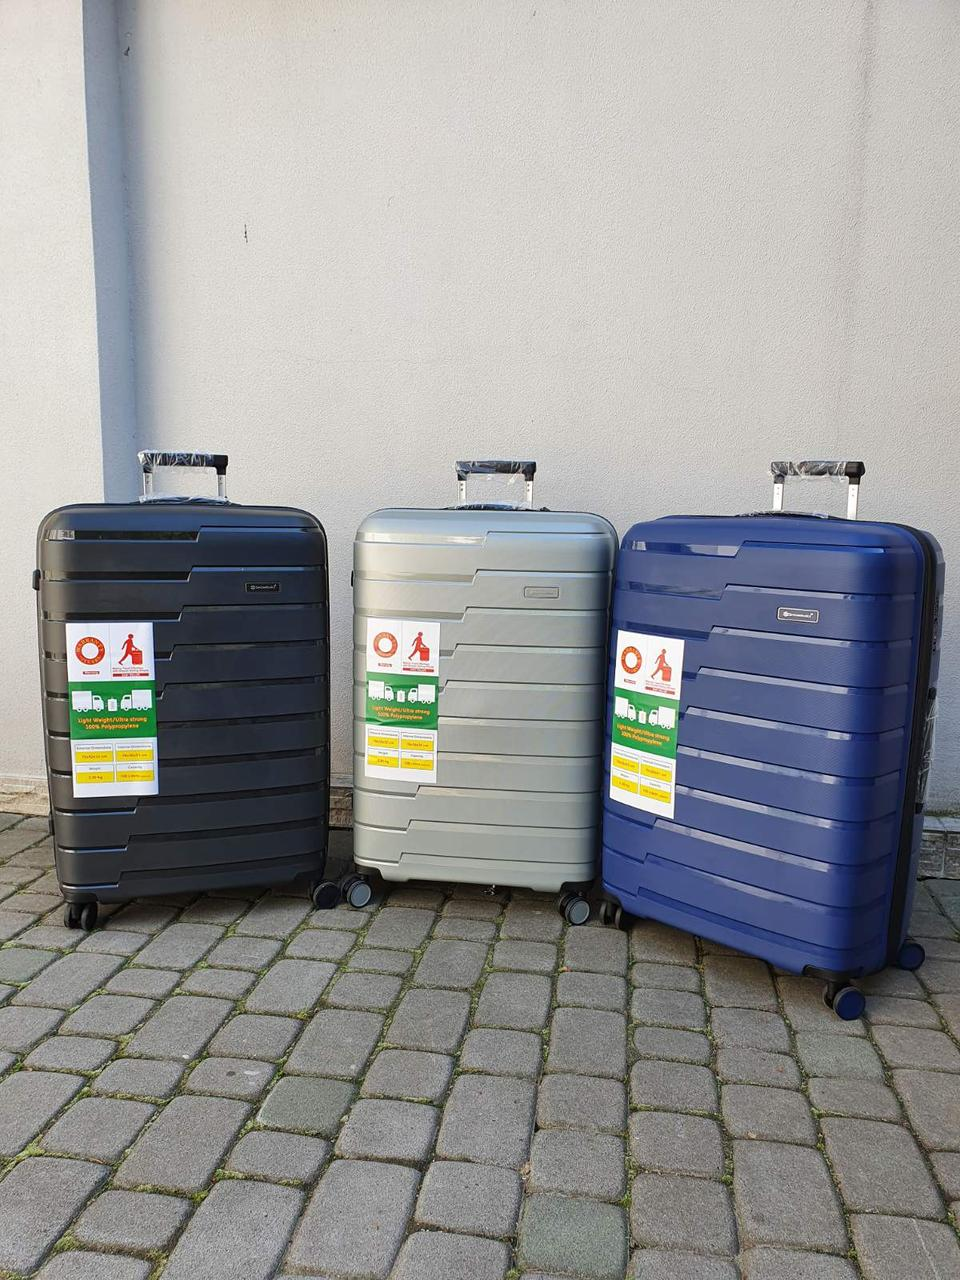 SNOWBALL 91503 Франція валізи чемодани, сумки на колесах